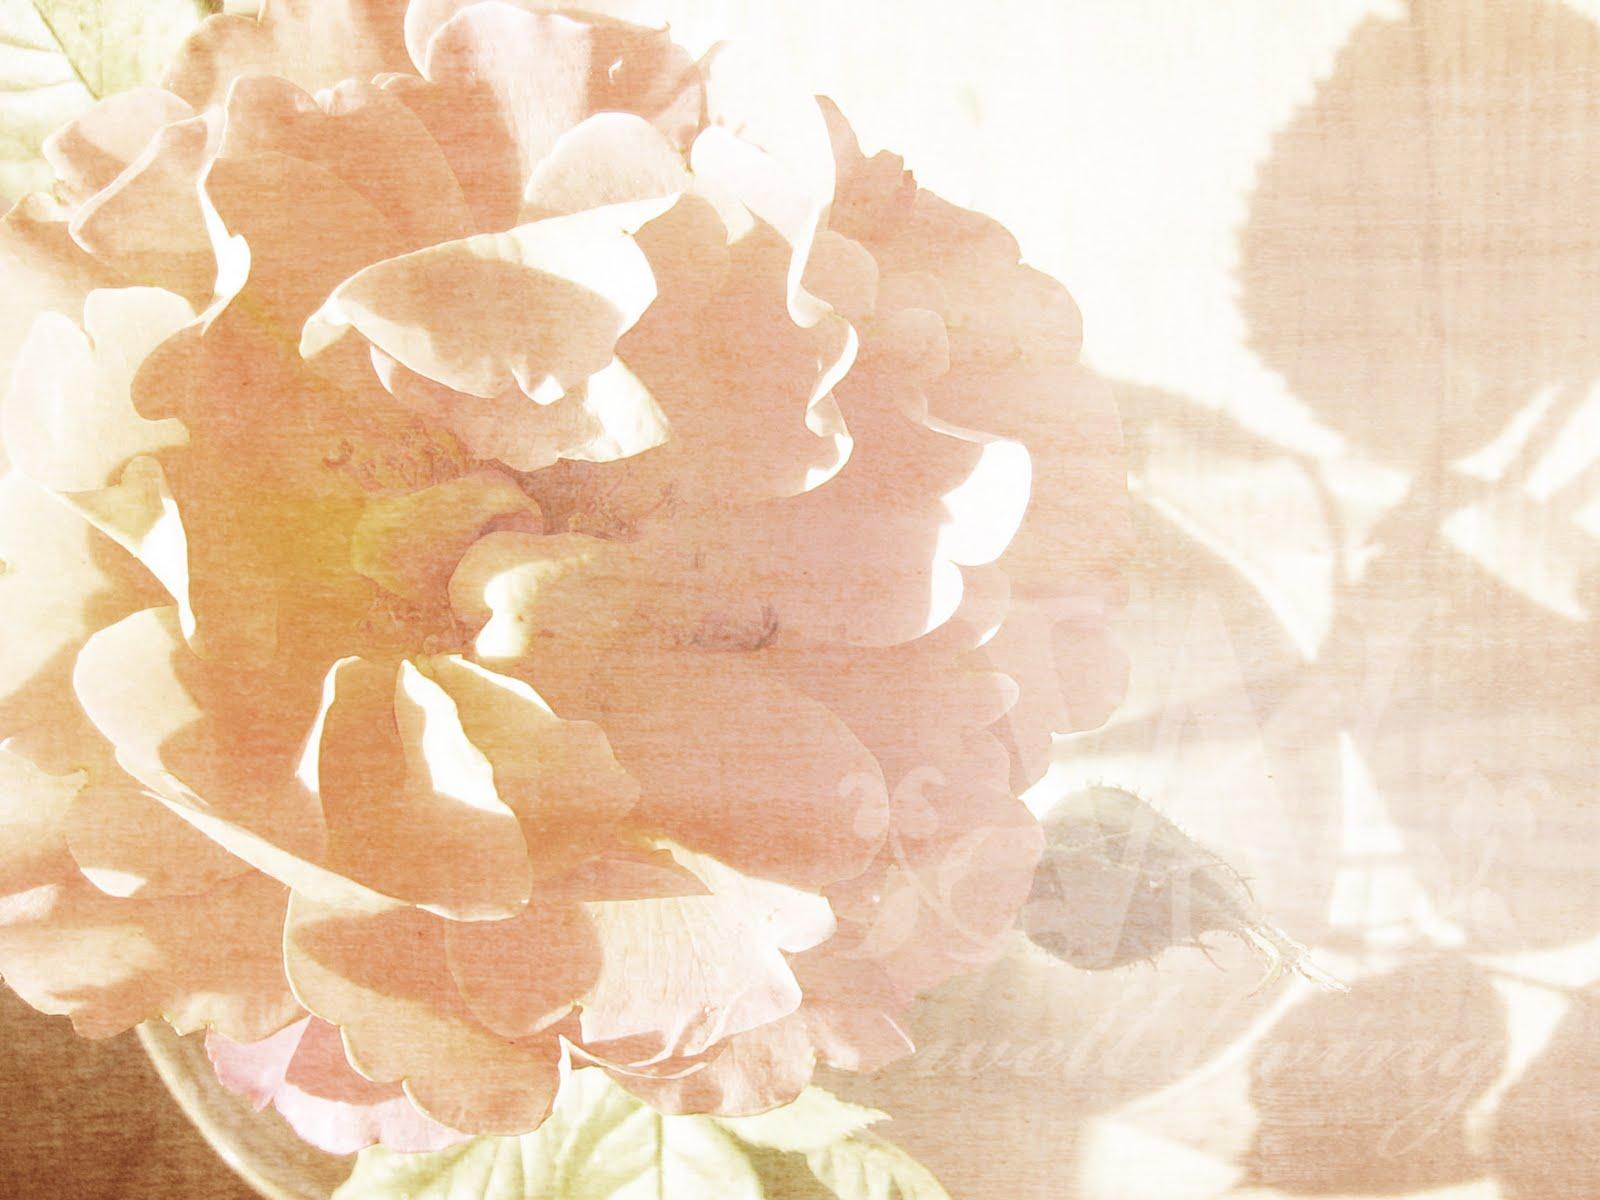 http://3.bp.blogspot.com/_vGuBhXbtgU8/S-SX8qpW0TI/AAAAAAAAAWA/azHH2TQhBvE/s1600/wallpaper_vintagerose.jpg